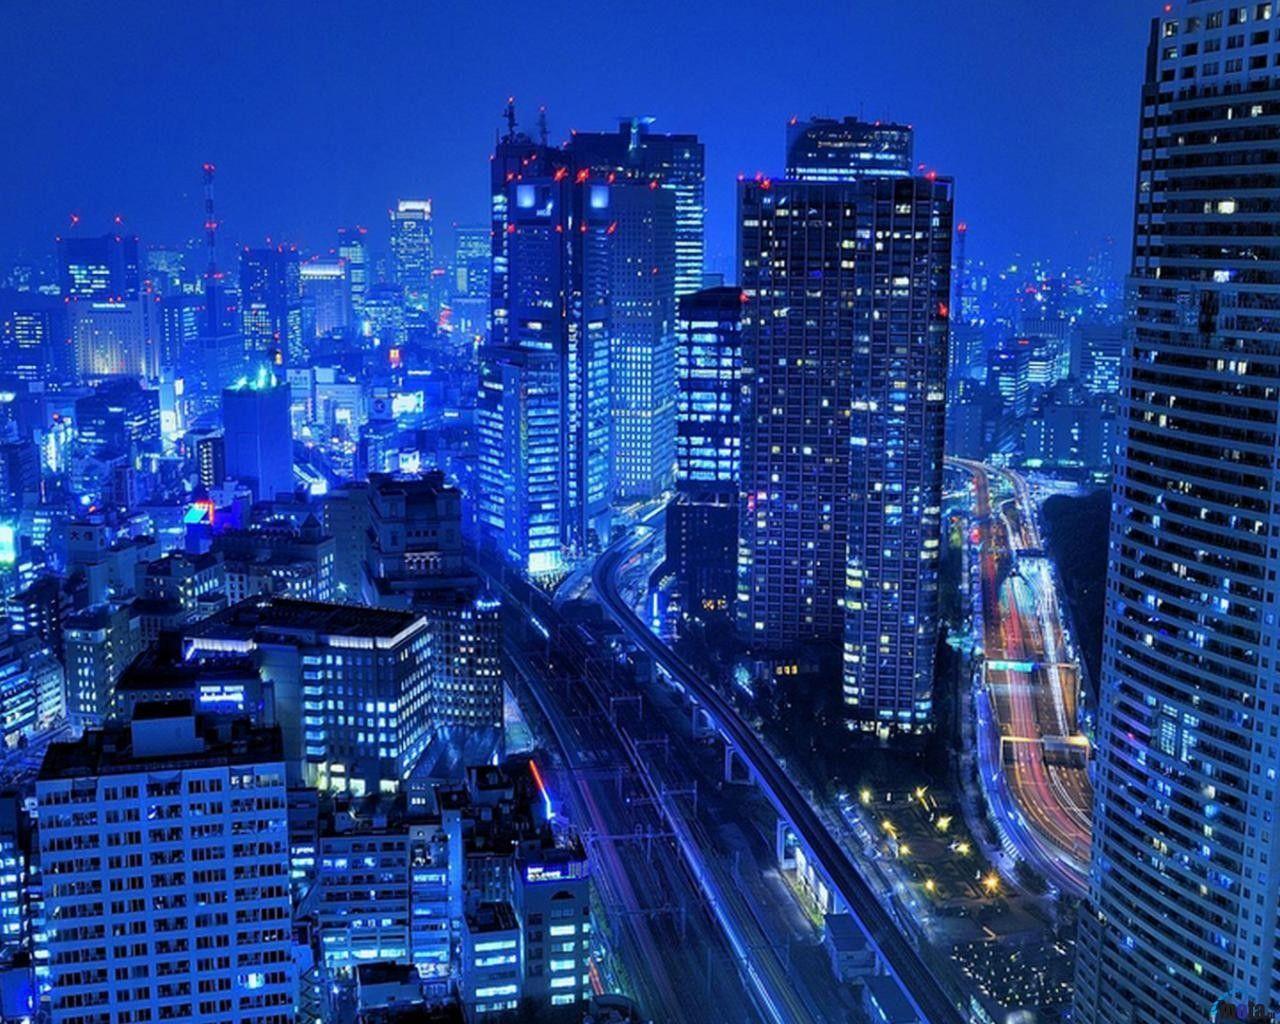 Architectureimg Com Blue Night City Tokyo Wallpaper Wide Cityscape Wallpaper Skyscraper City Wallpaper